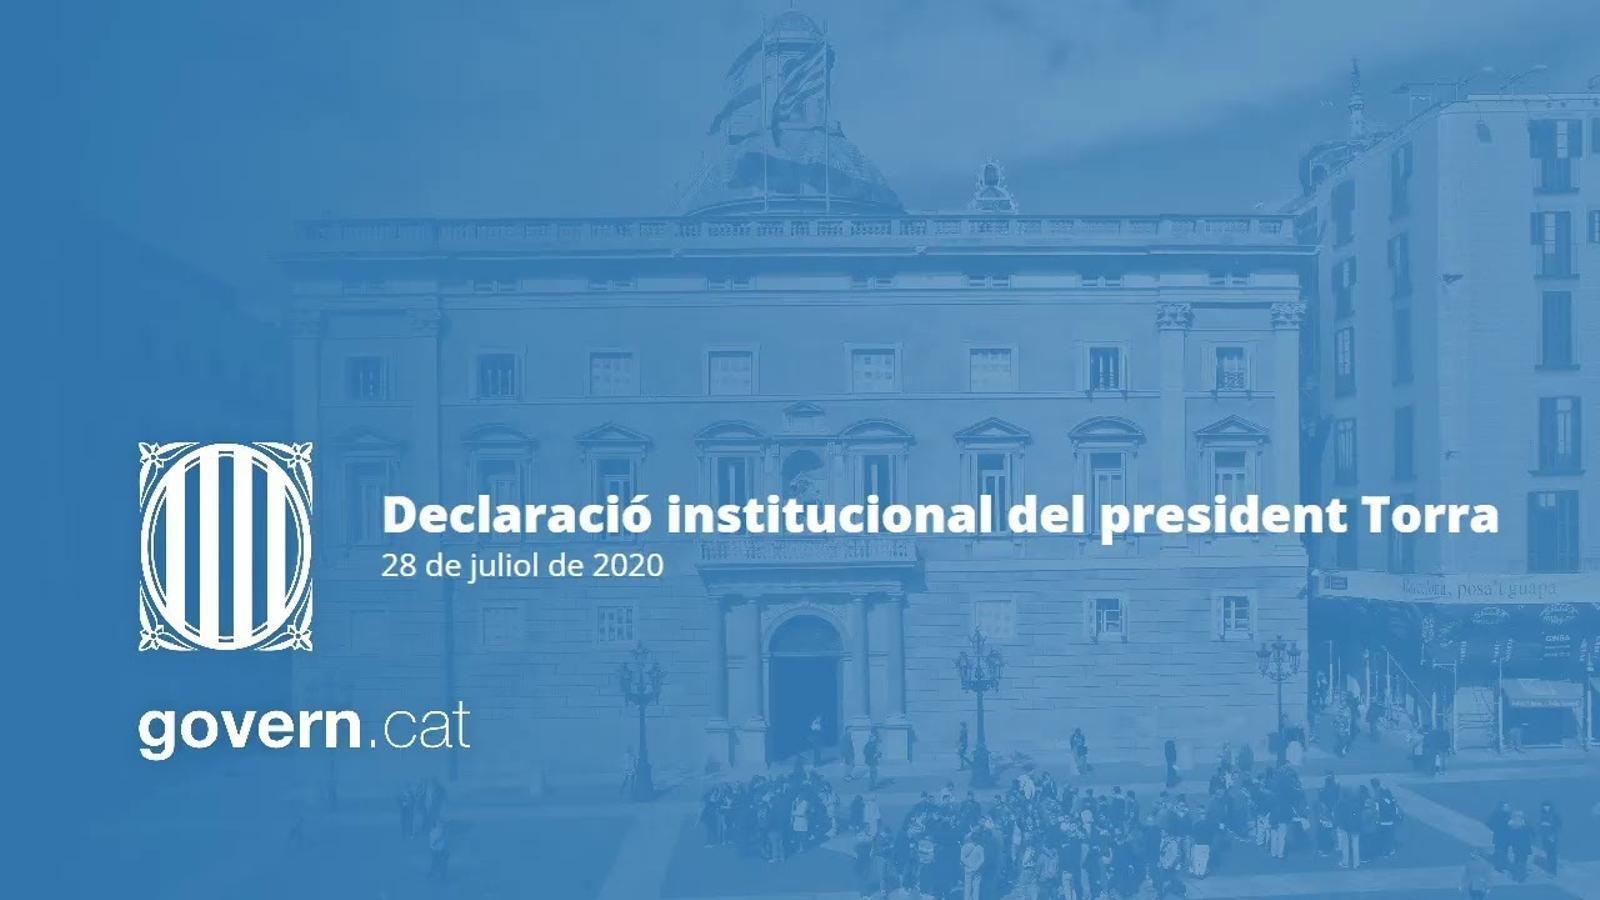 Declaració institucional del president Torra